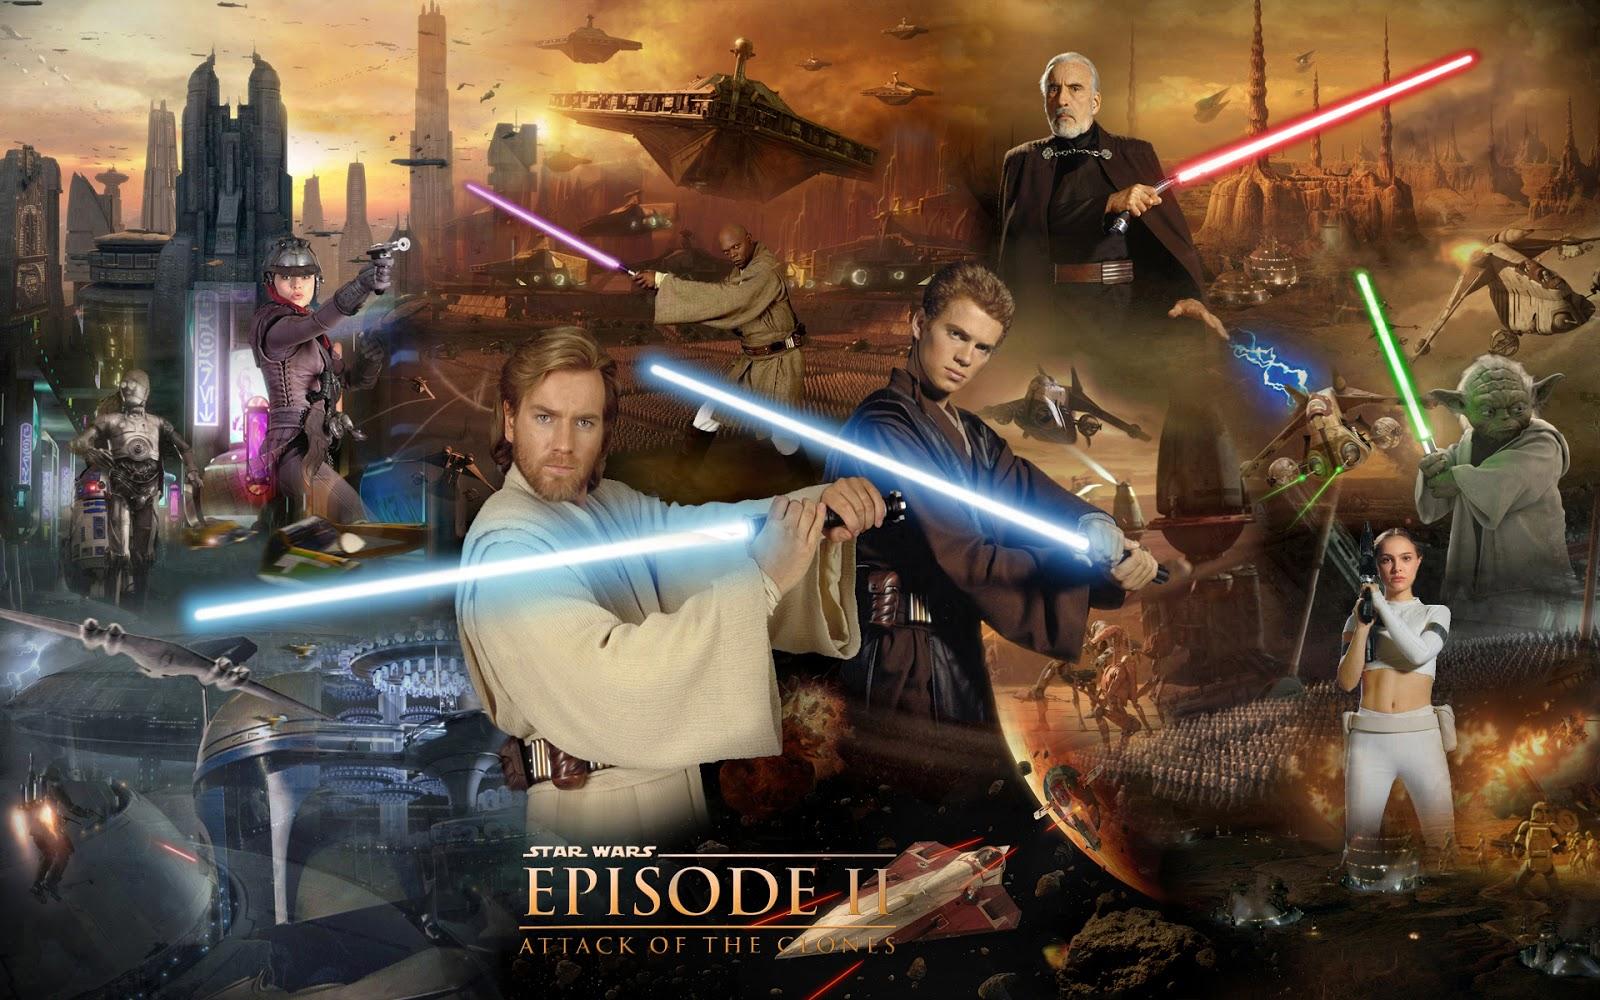 Star Wars Episodio II El Ataque de los clones Descarga Mega HD Español Latino